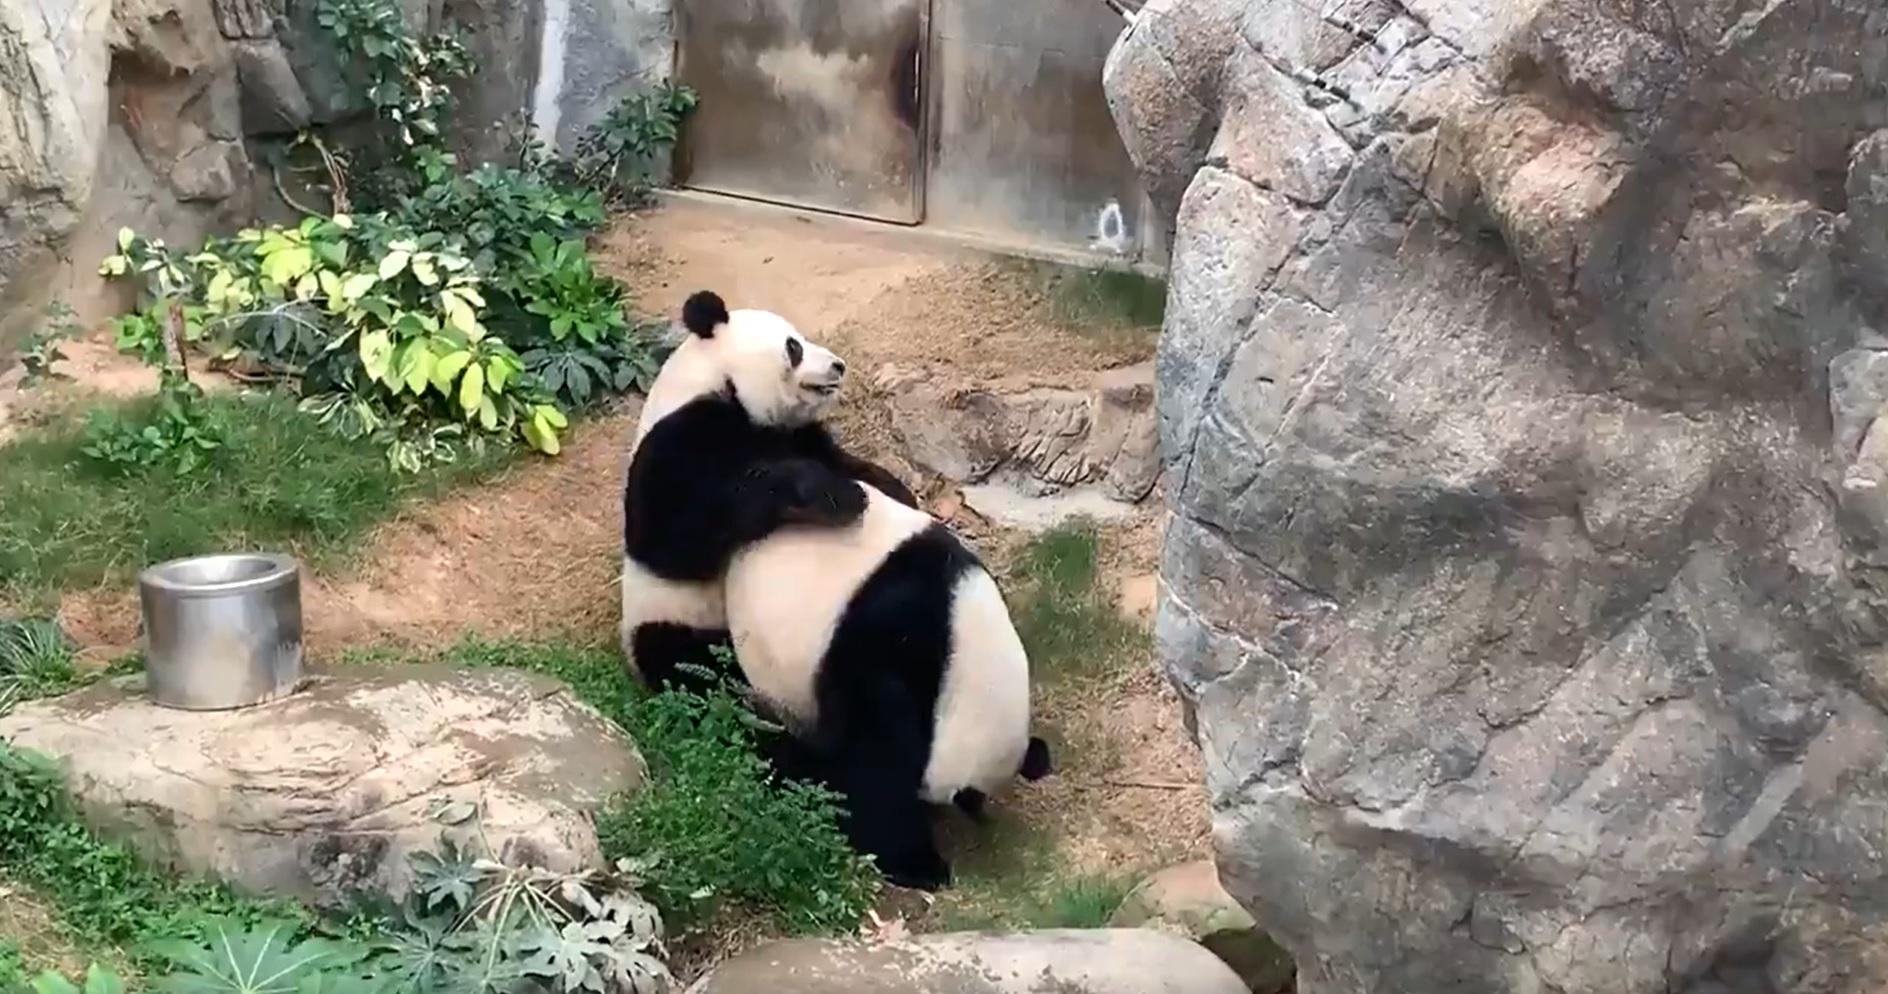 Bezárták a hongkongi állatkertet és a pandák rögtön párosodni kezdtek